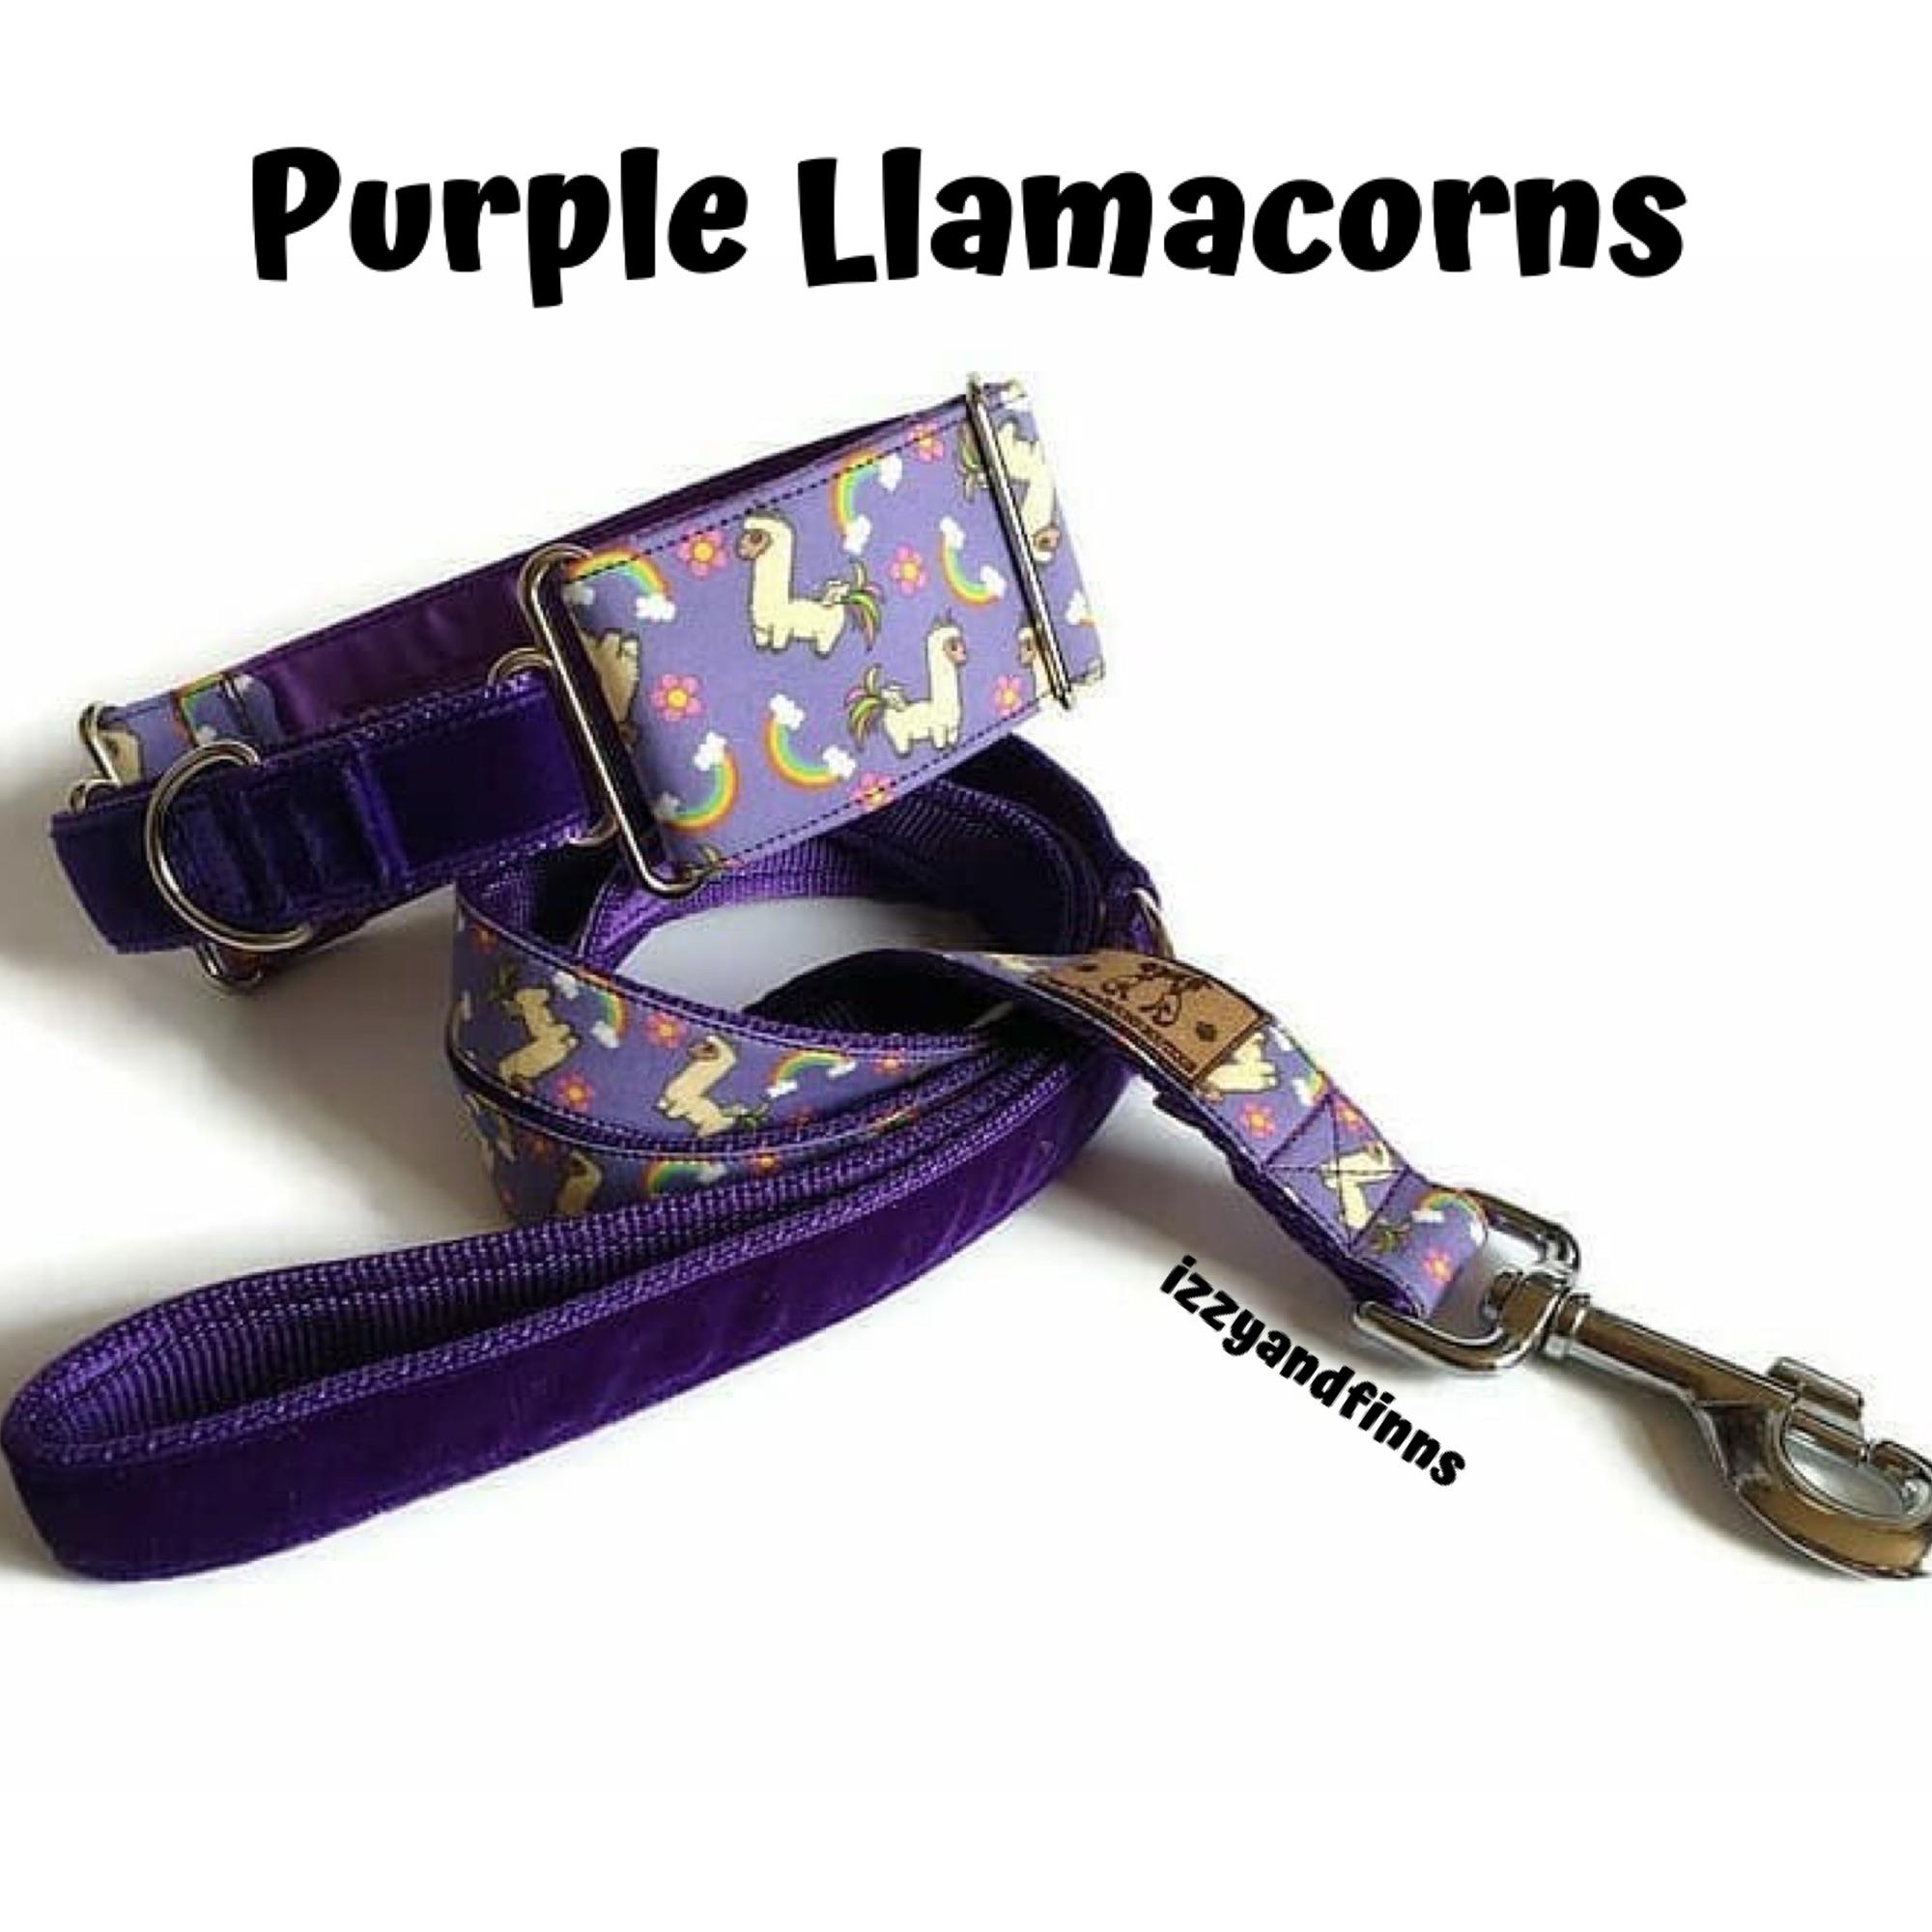 Purple Llamacorns